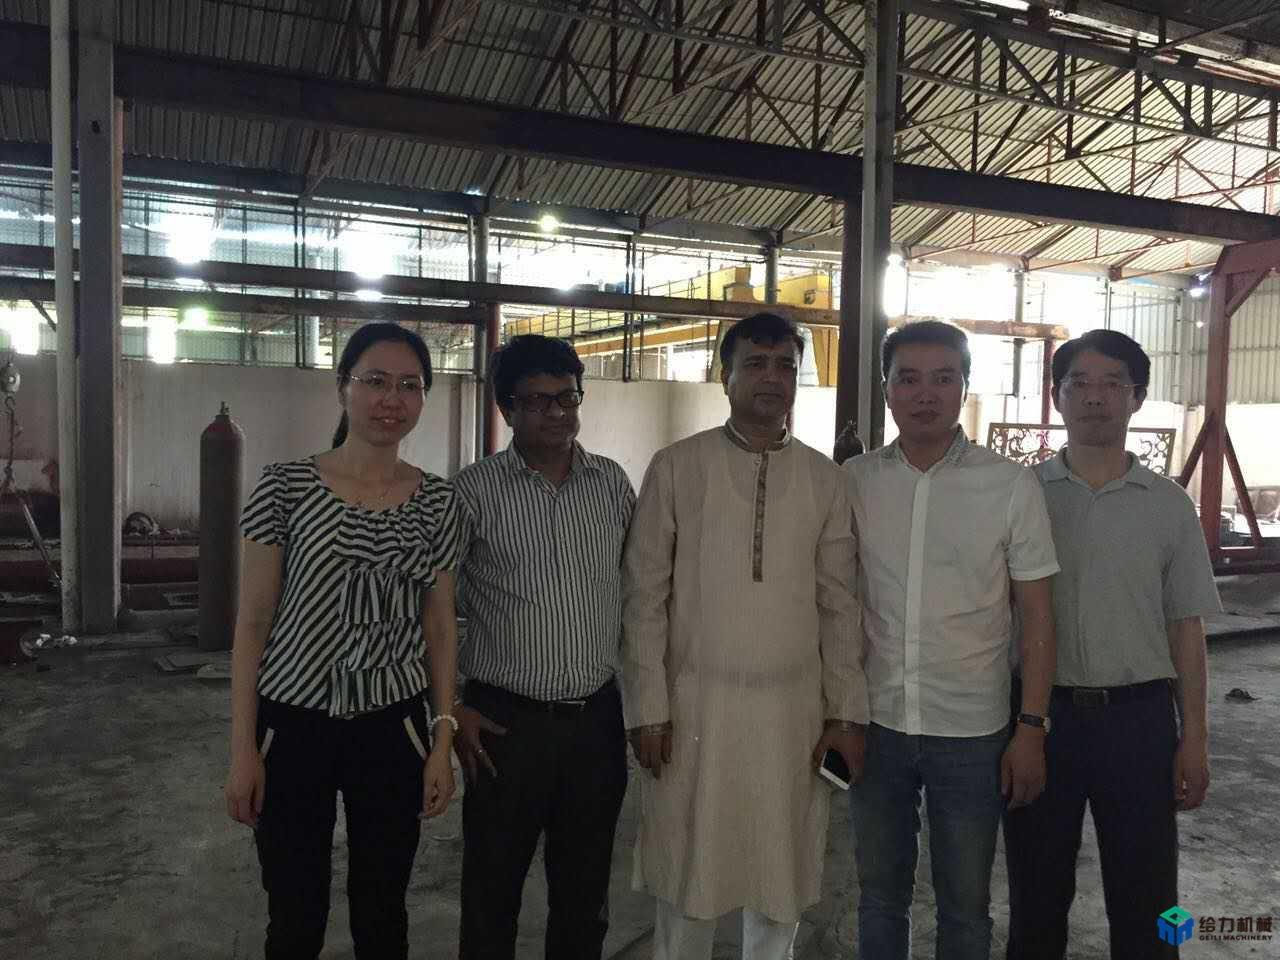 孟加拉螺纹钢生产线顺利投产